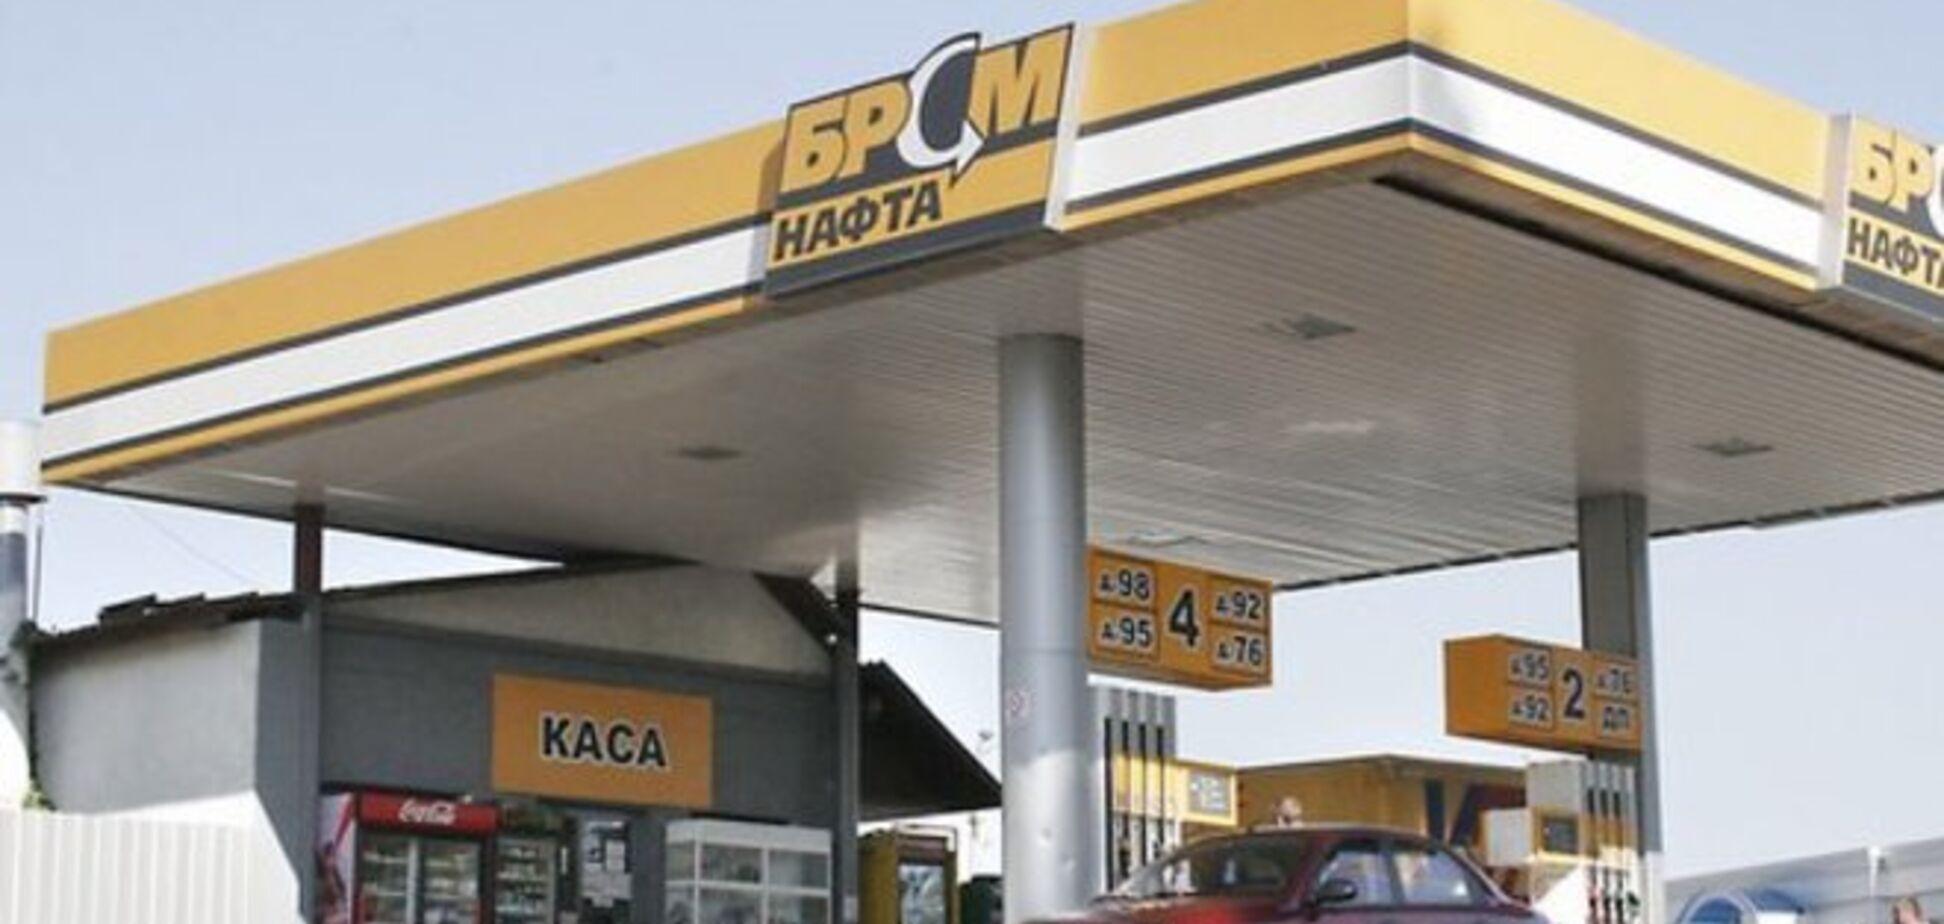 Под Киевом хотели взорвать заправку 'БРСМ-Нафта'